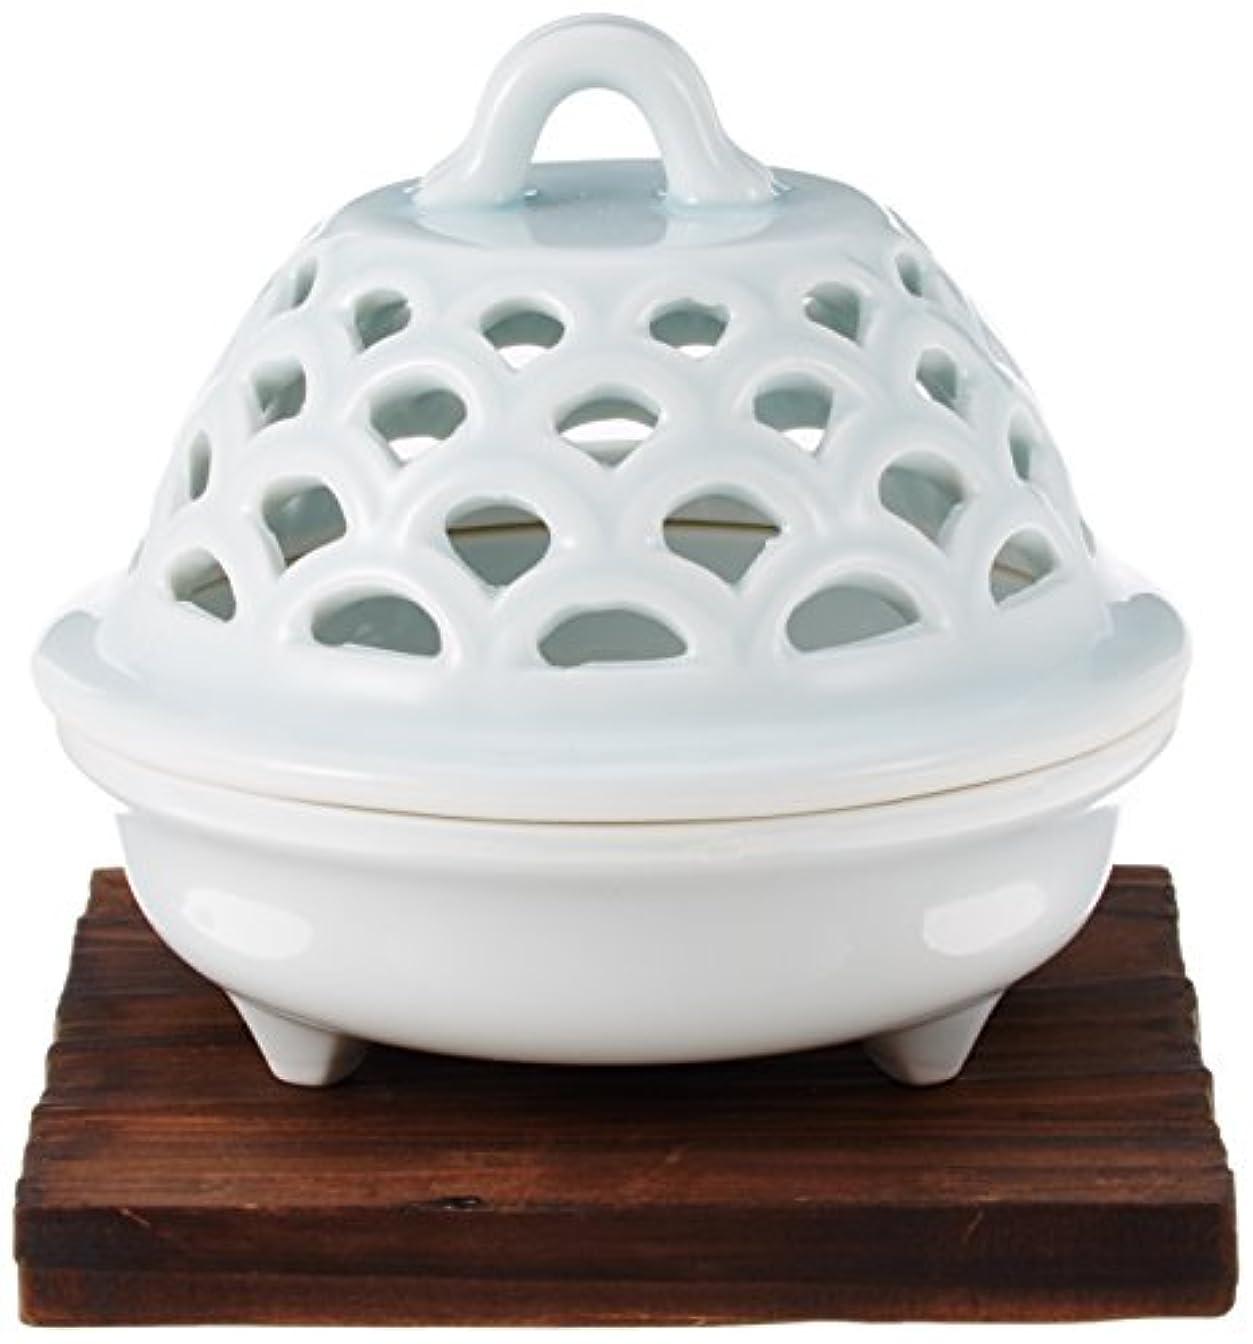 舗装する蒸留感性香炉 青磁 透し彫り 香炉 [R9.5xH9cm] プレゼント ギフト 和食器 かわいい インテリア